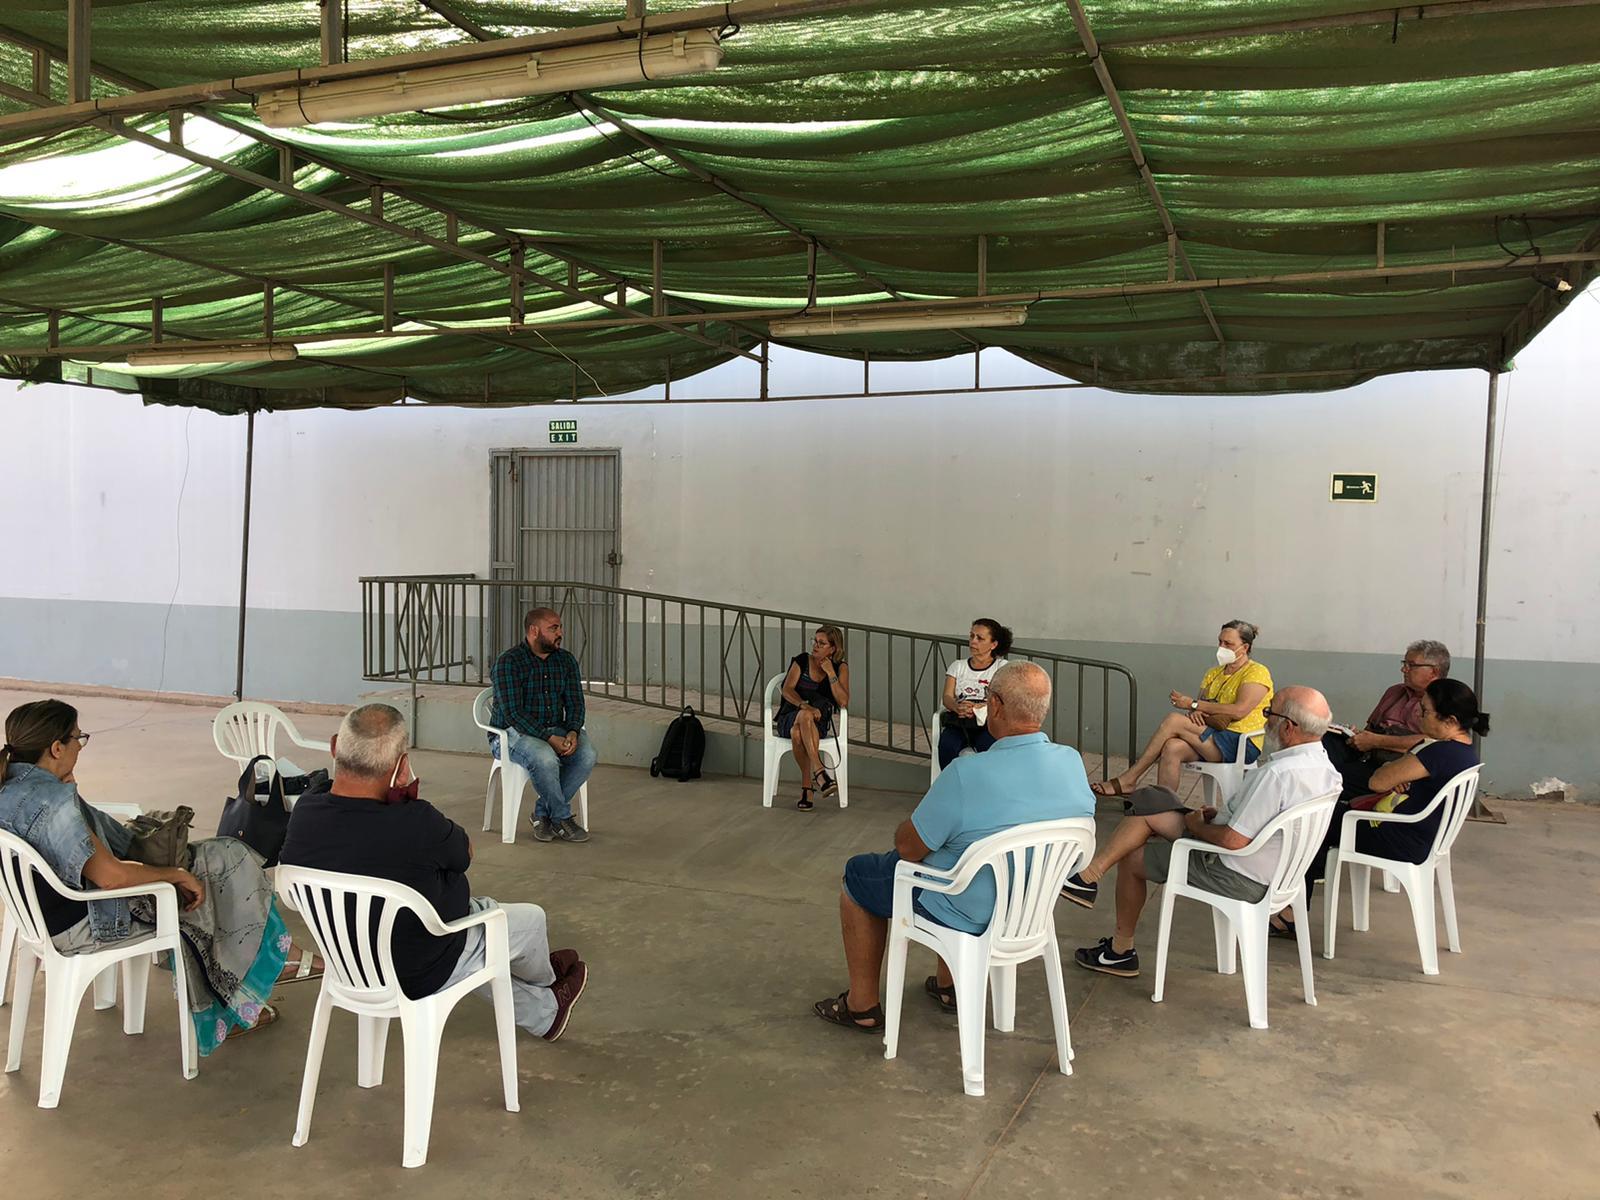 Encuentro vecinal la charca y el time. El Enfoque de Fuerteventura